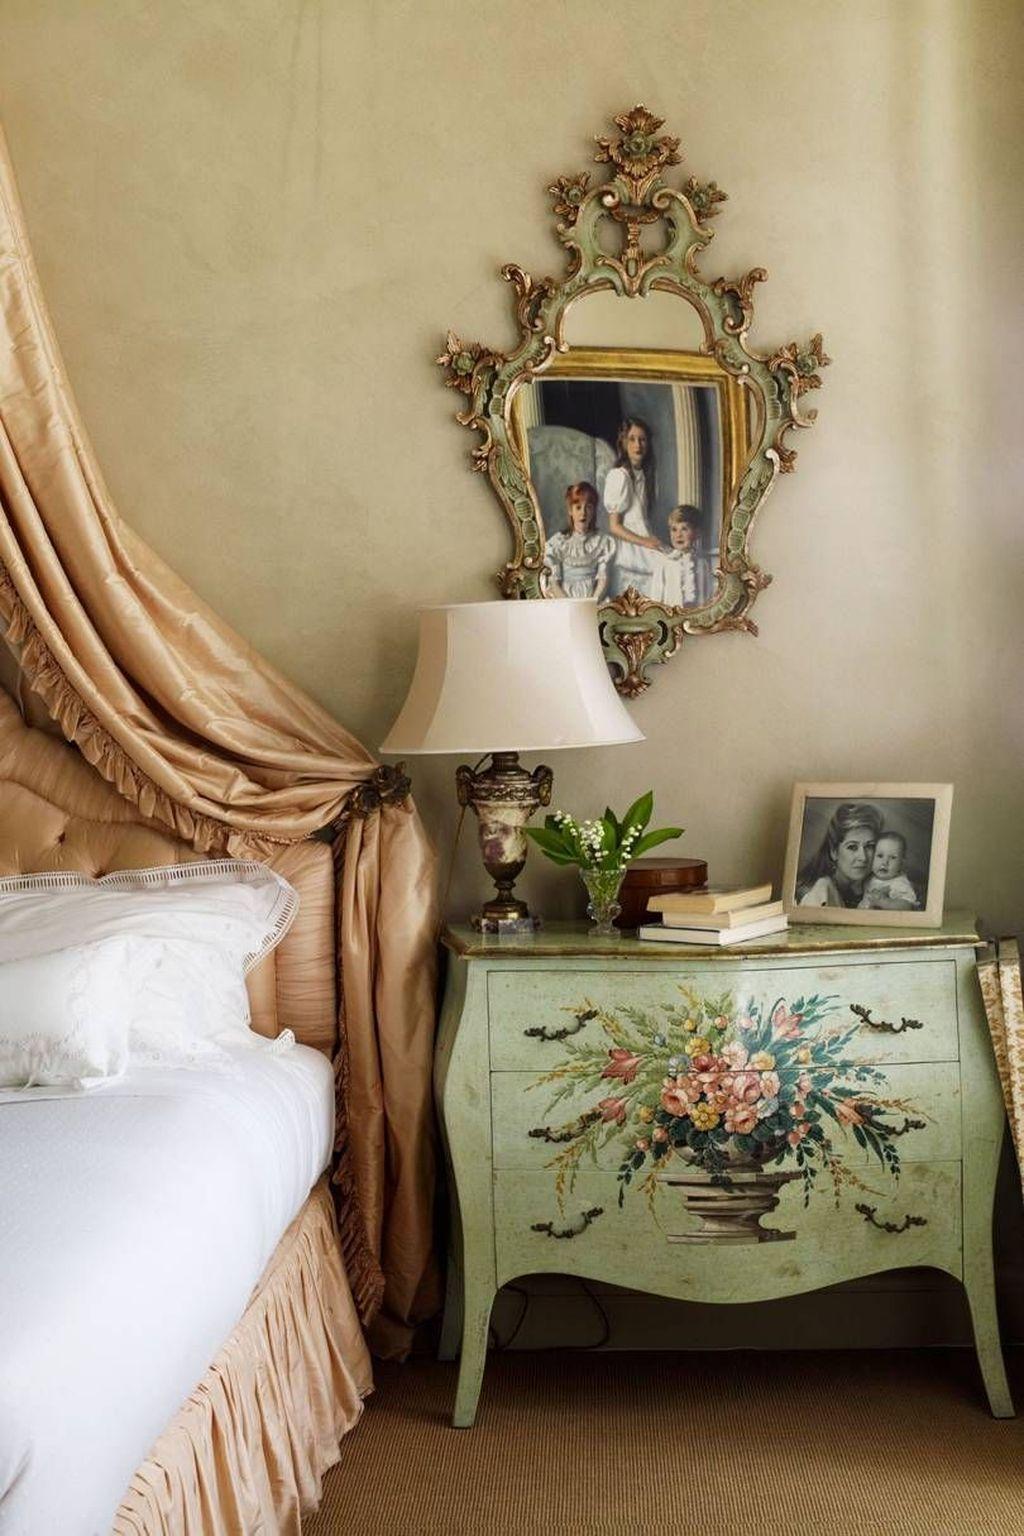 Inspiring Traditional Bedroom Decor Ideas 29